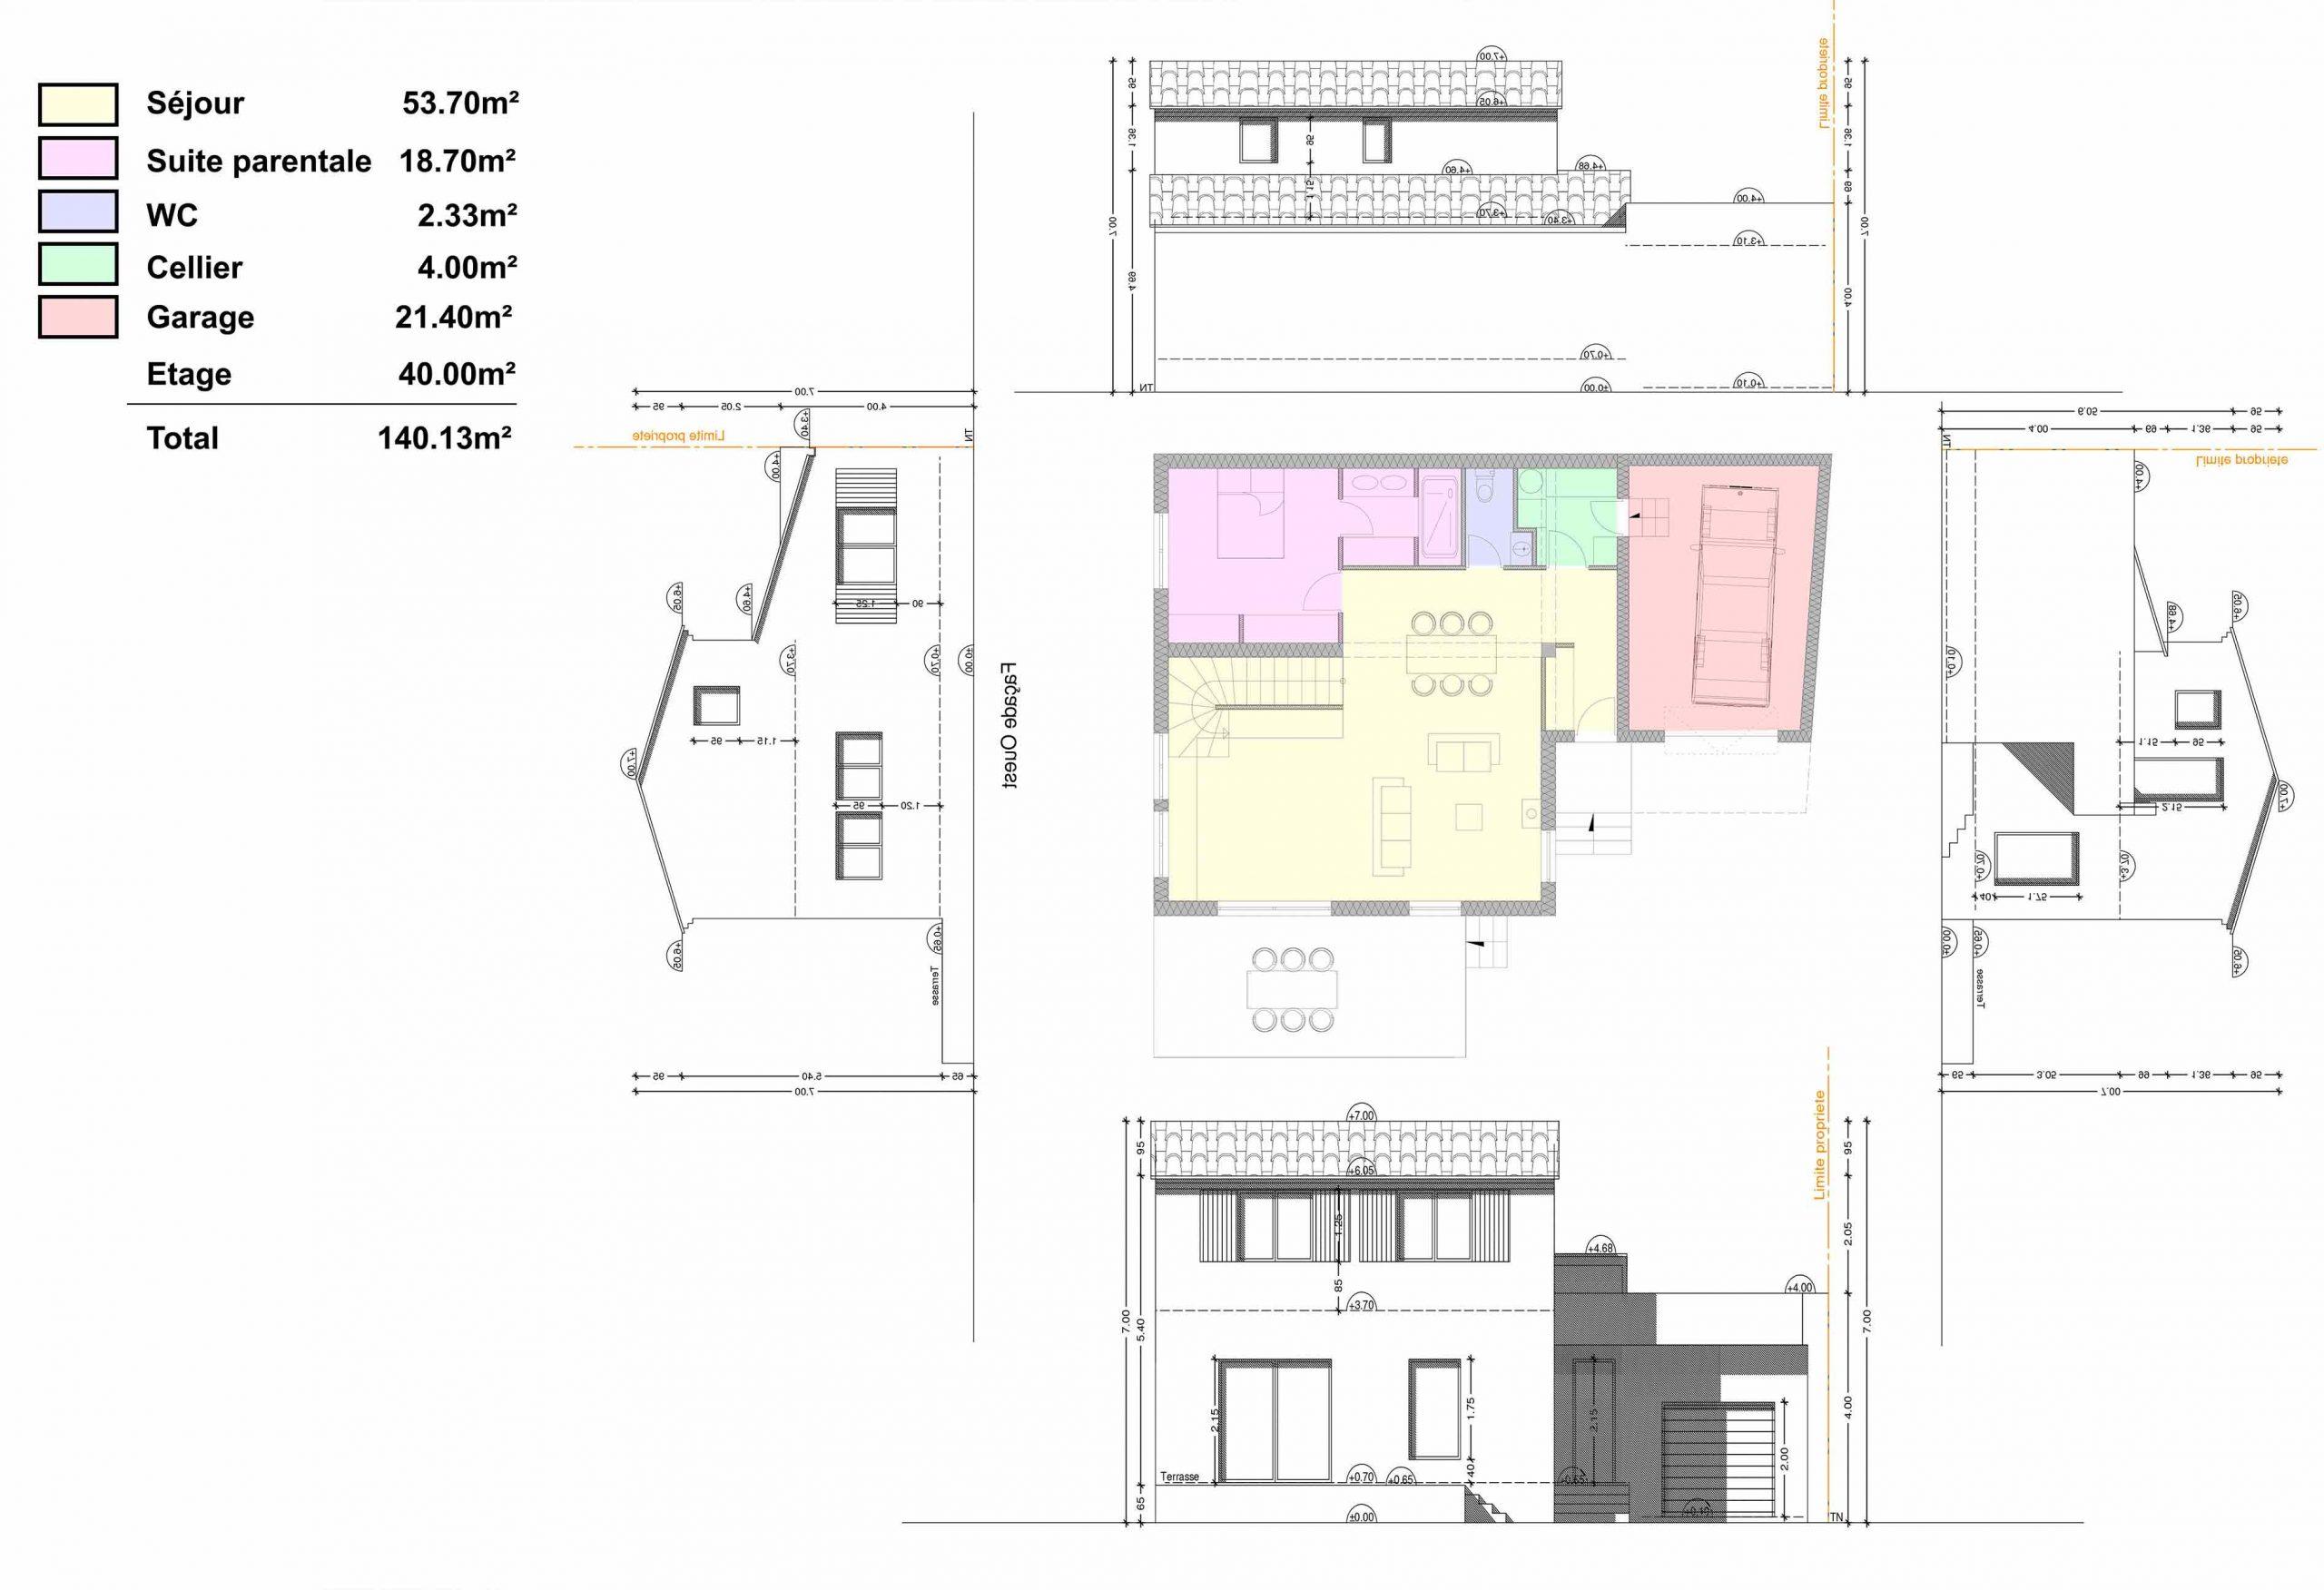 Exemple Permis De Construire Pour Une Maison Bois Vaison La Romaine